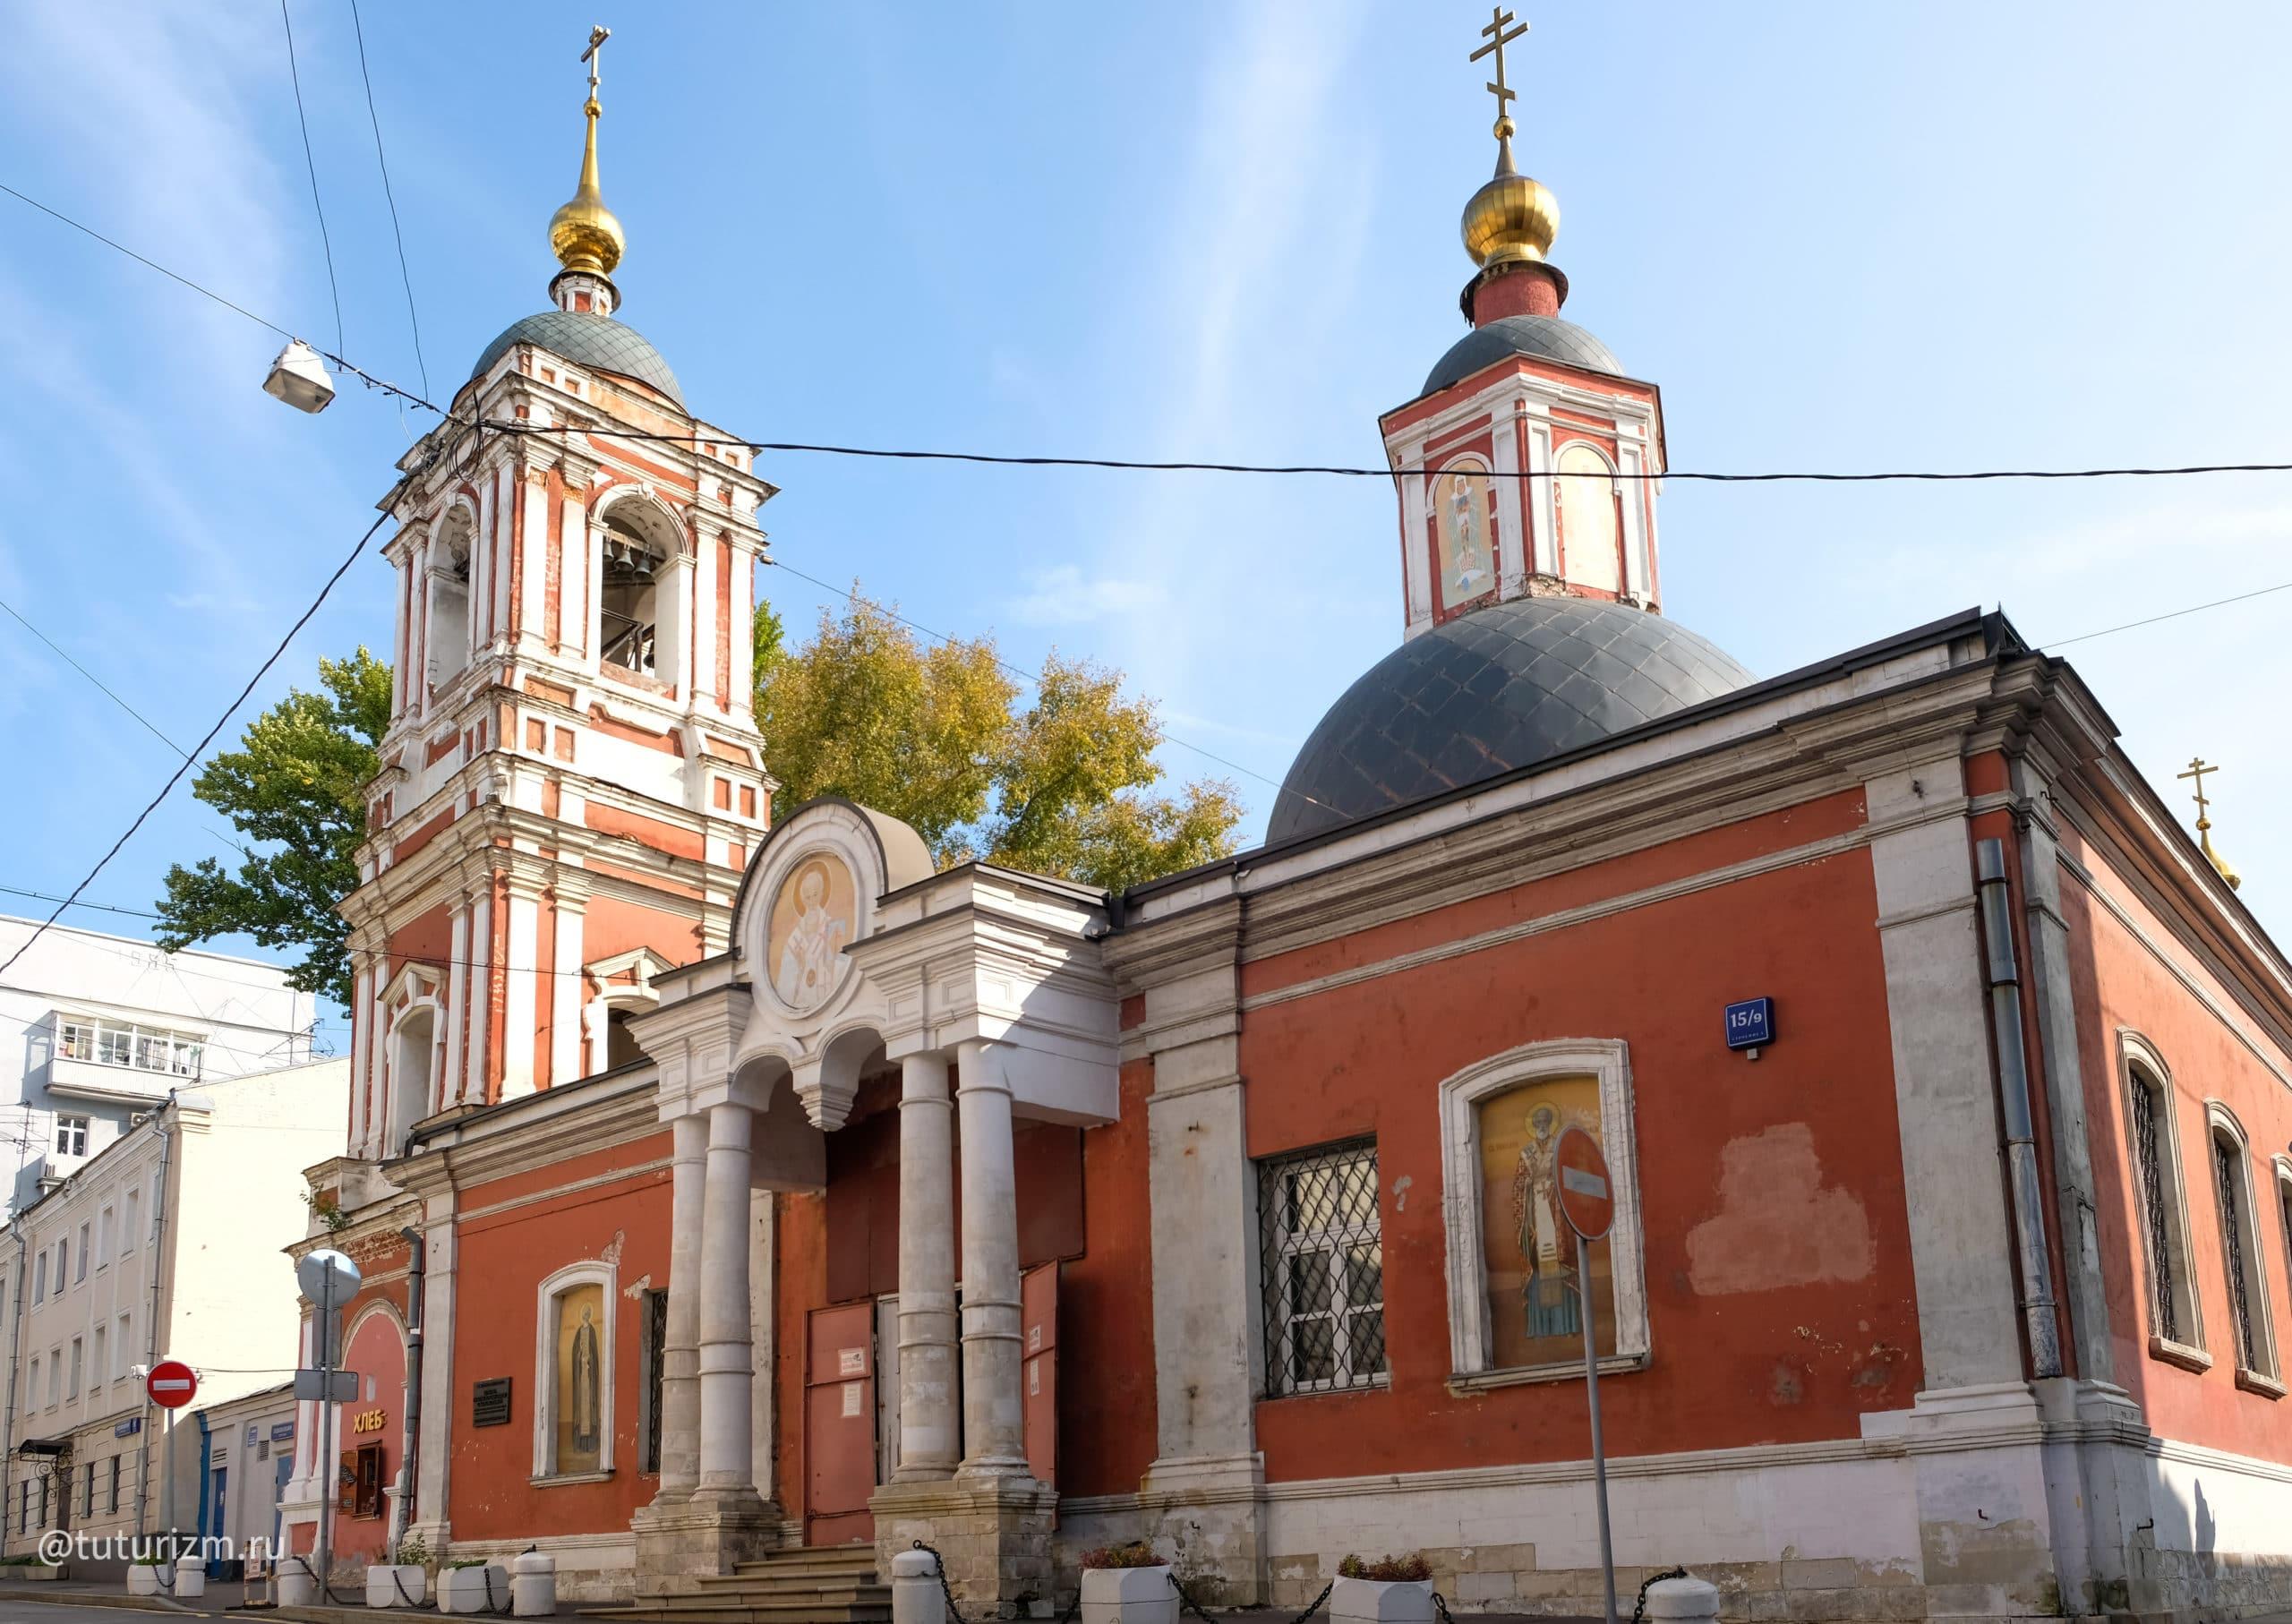 Церковь Николая Чудотворца в Подкопаях. 16-17 вв., 19 век.